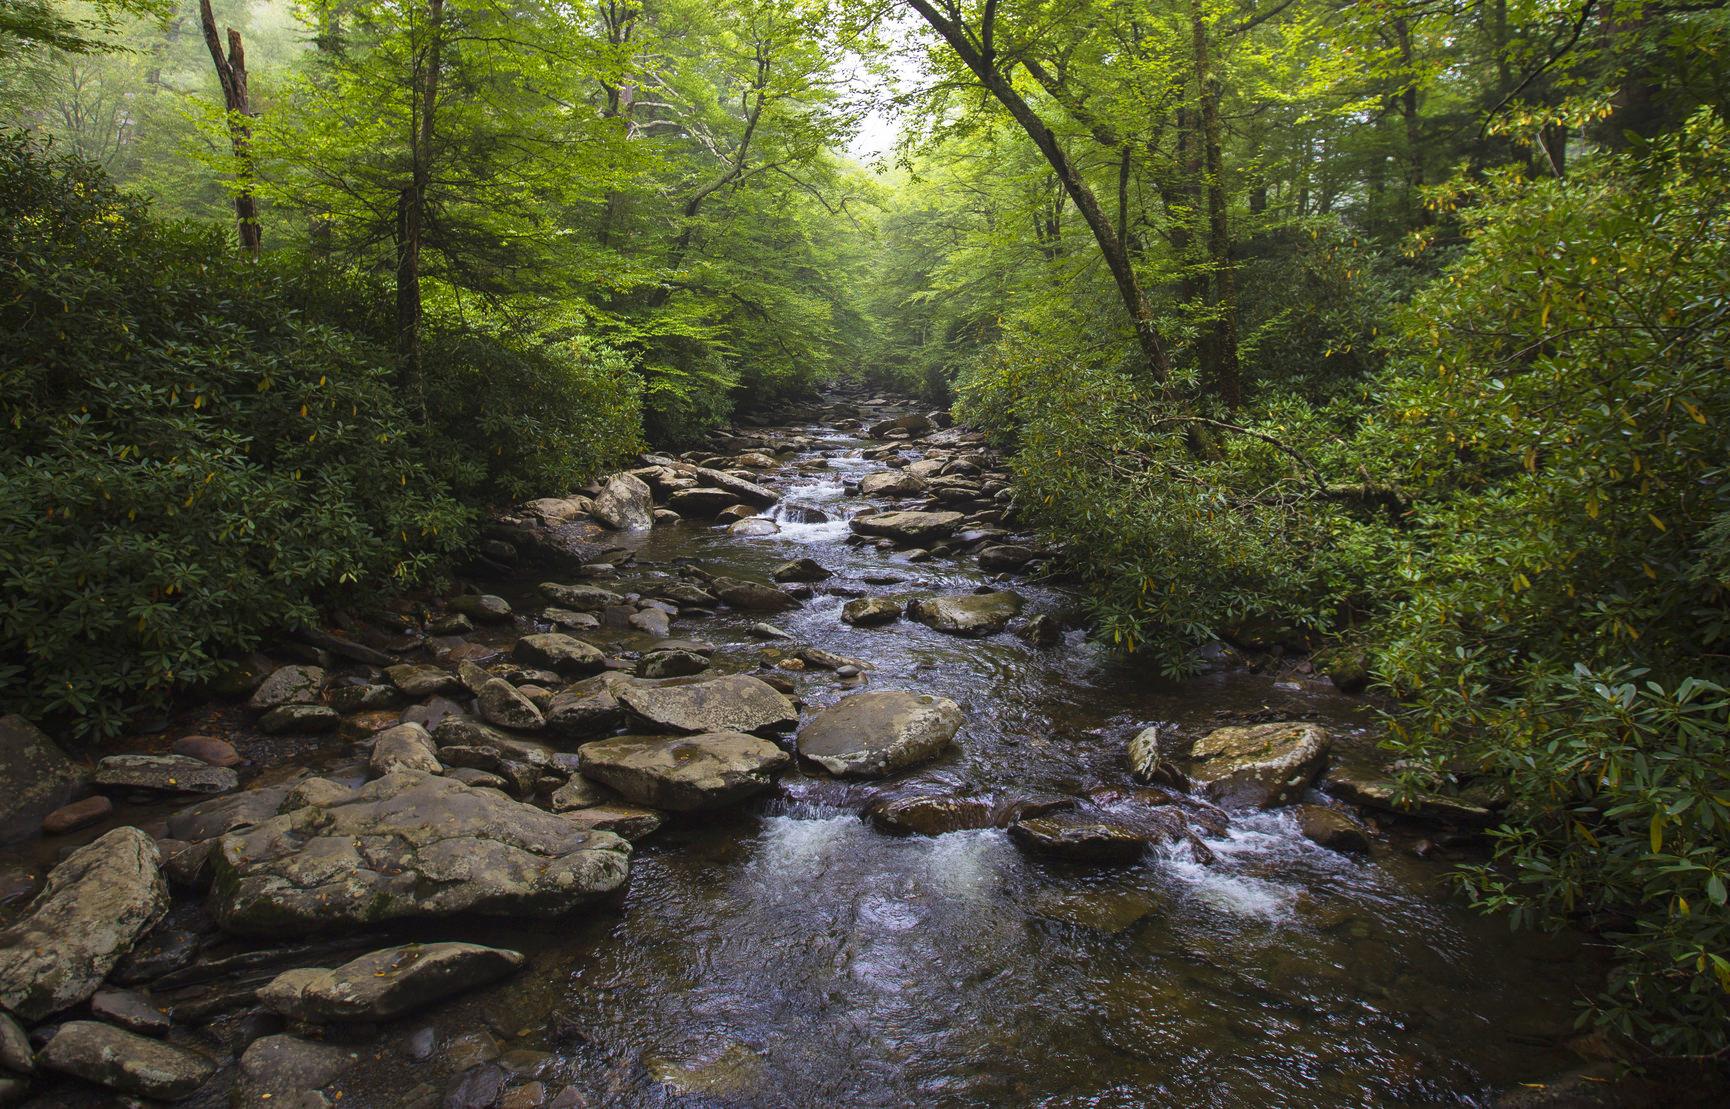 Consigli sulla fotografia di paesaggio: Fotografare i fiumi